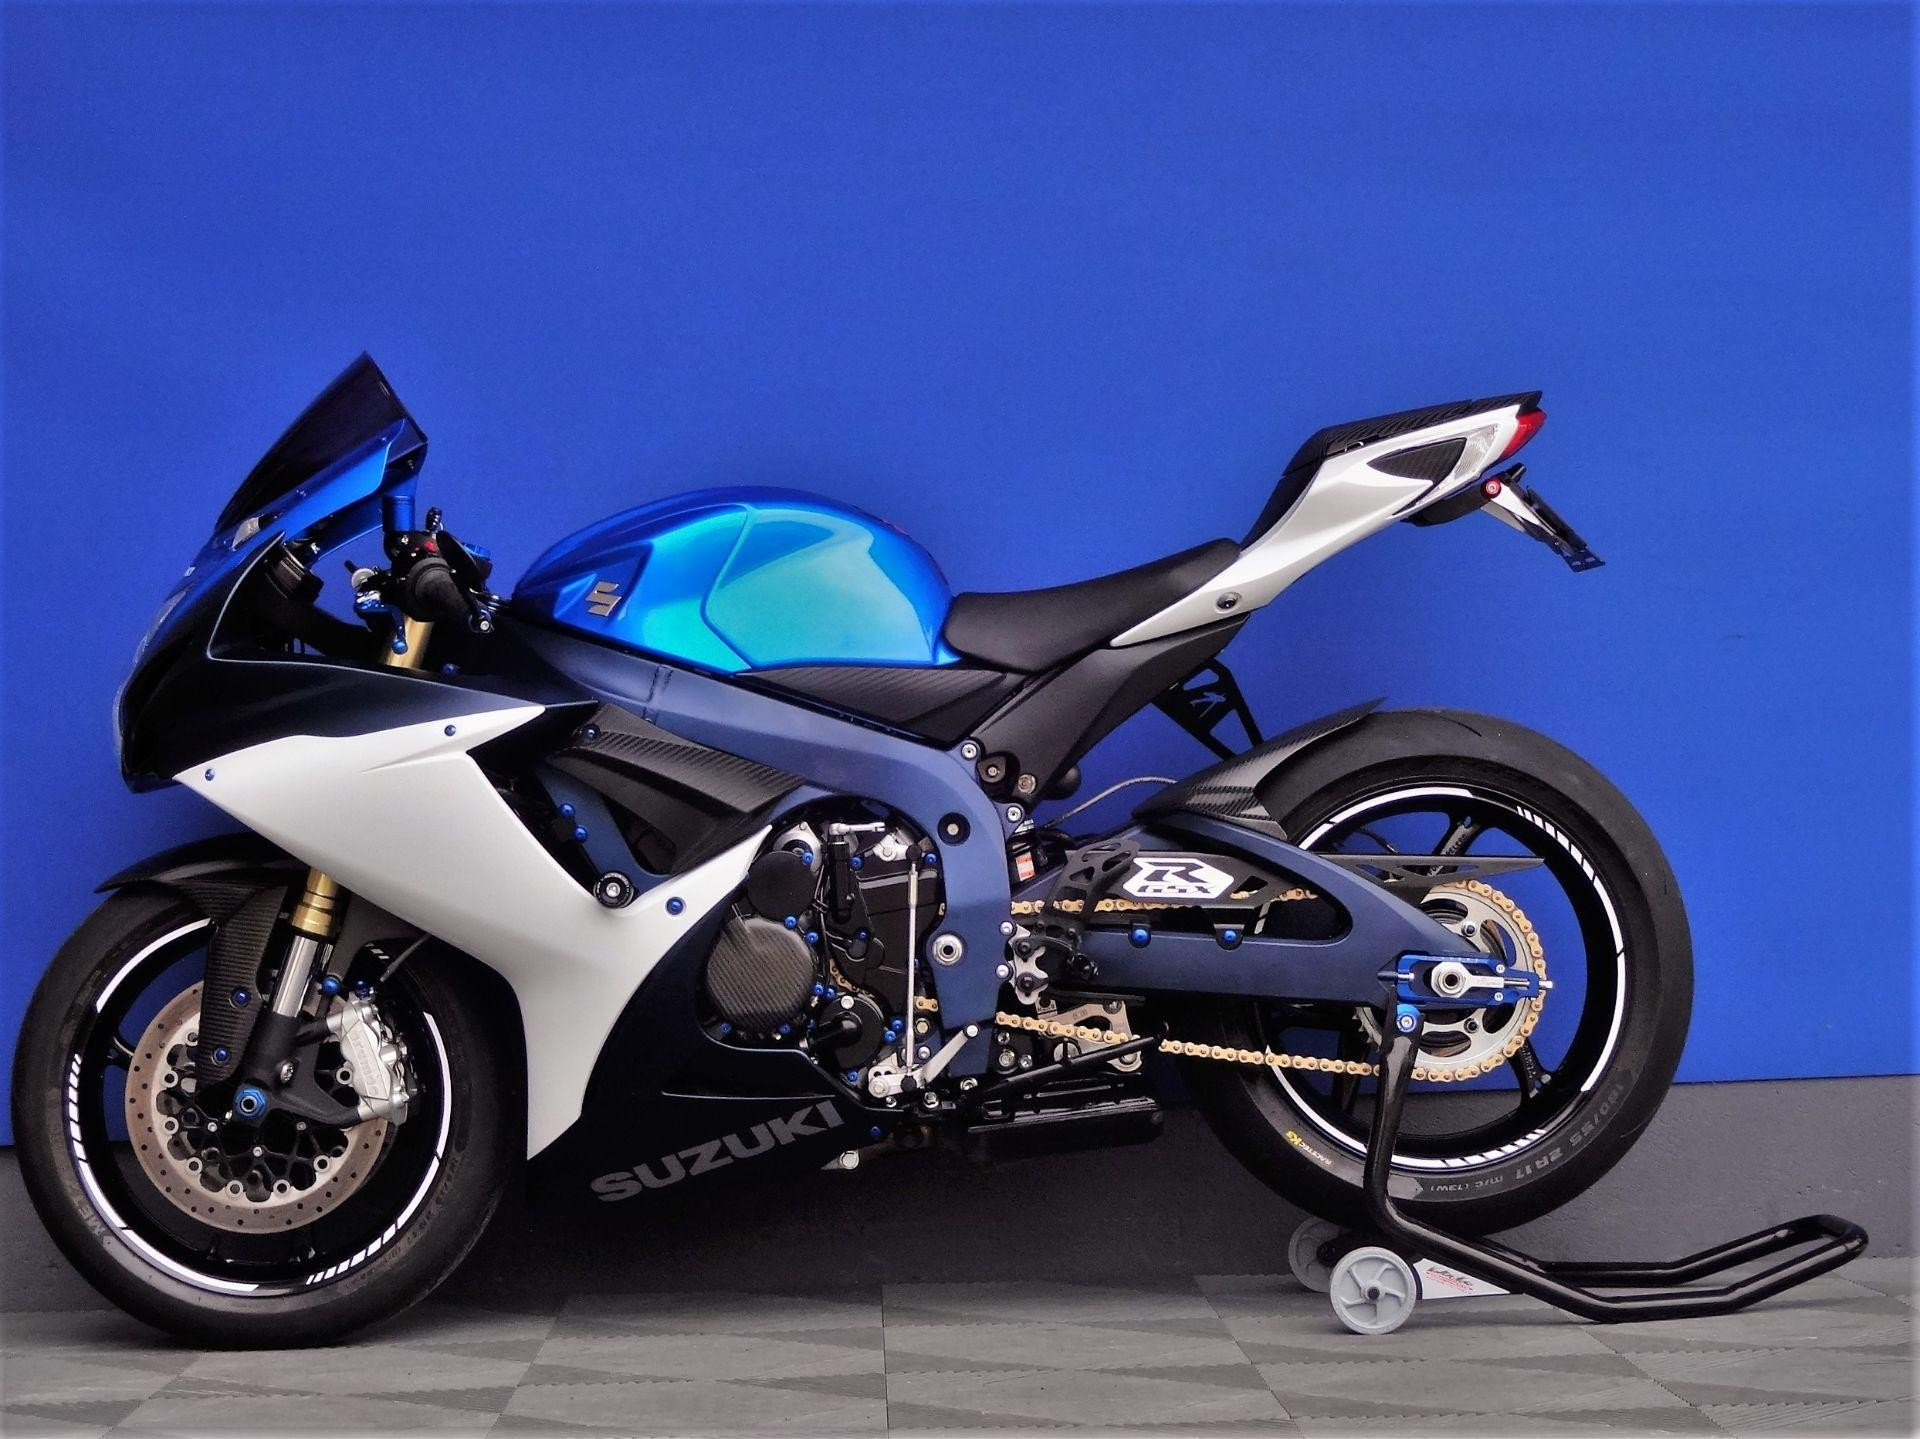 motorrad occasion kaufen suzuki gsx r 750 gp service vogel motorbikes sch pfheim. Black Bedroom Furniture Sets. Home Design Ideas